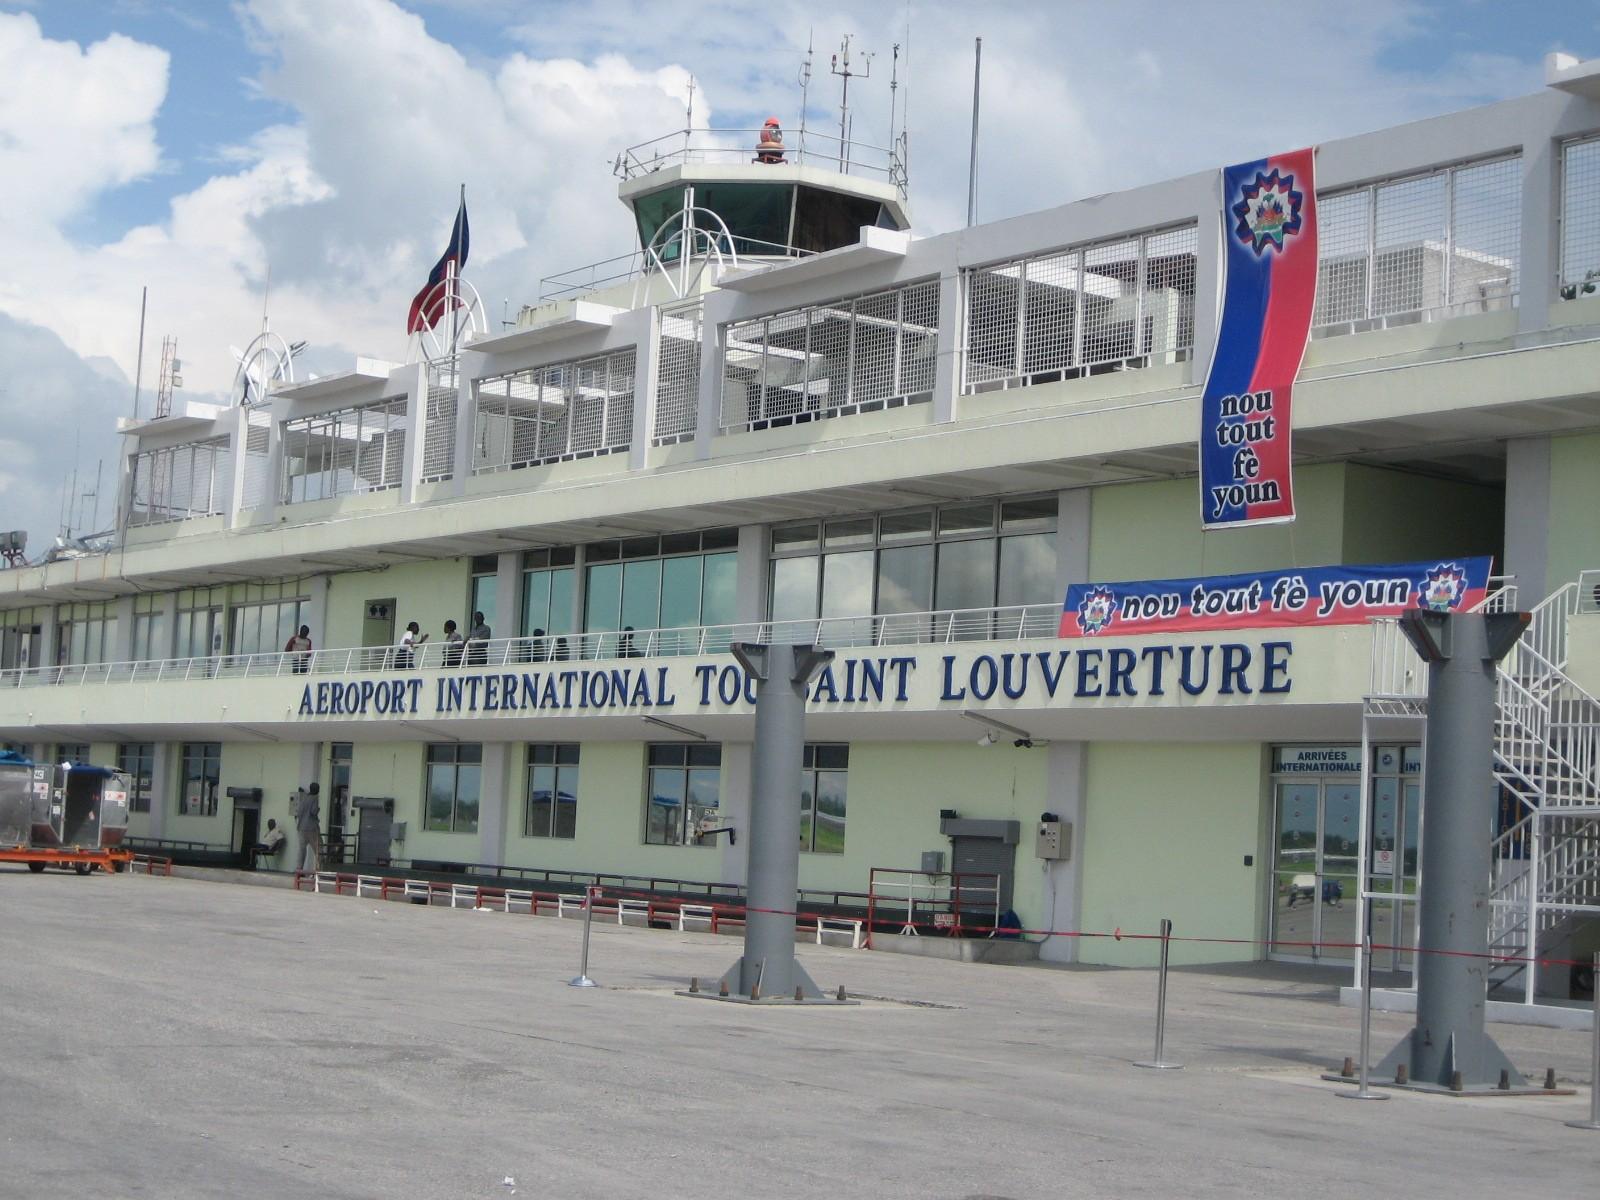 2007. Haiti, TWA, Third World Awareness, Airport, Travel, Volunteering, Port au Prince